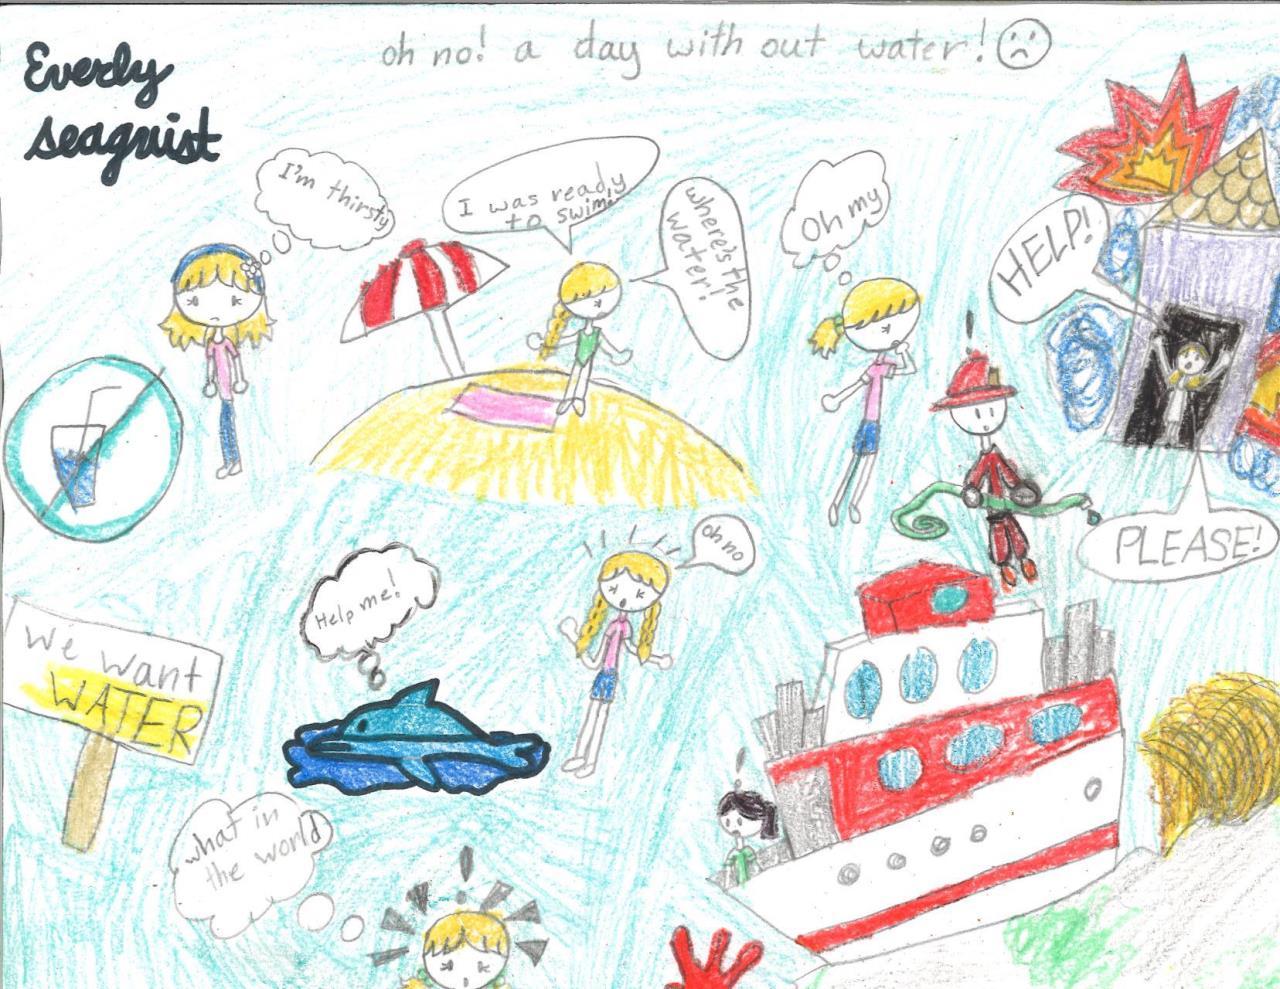 Grade 3: Everly Seaquist, *Winner*